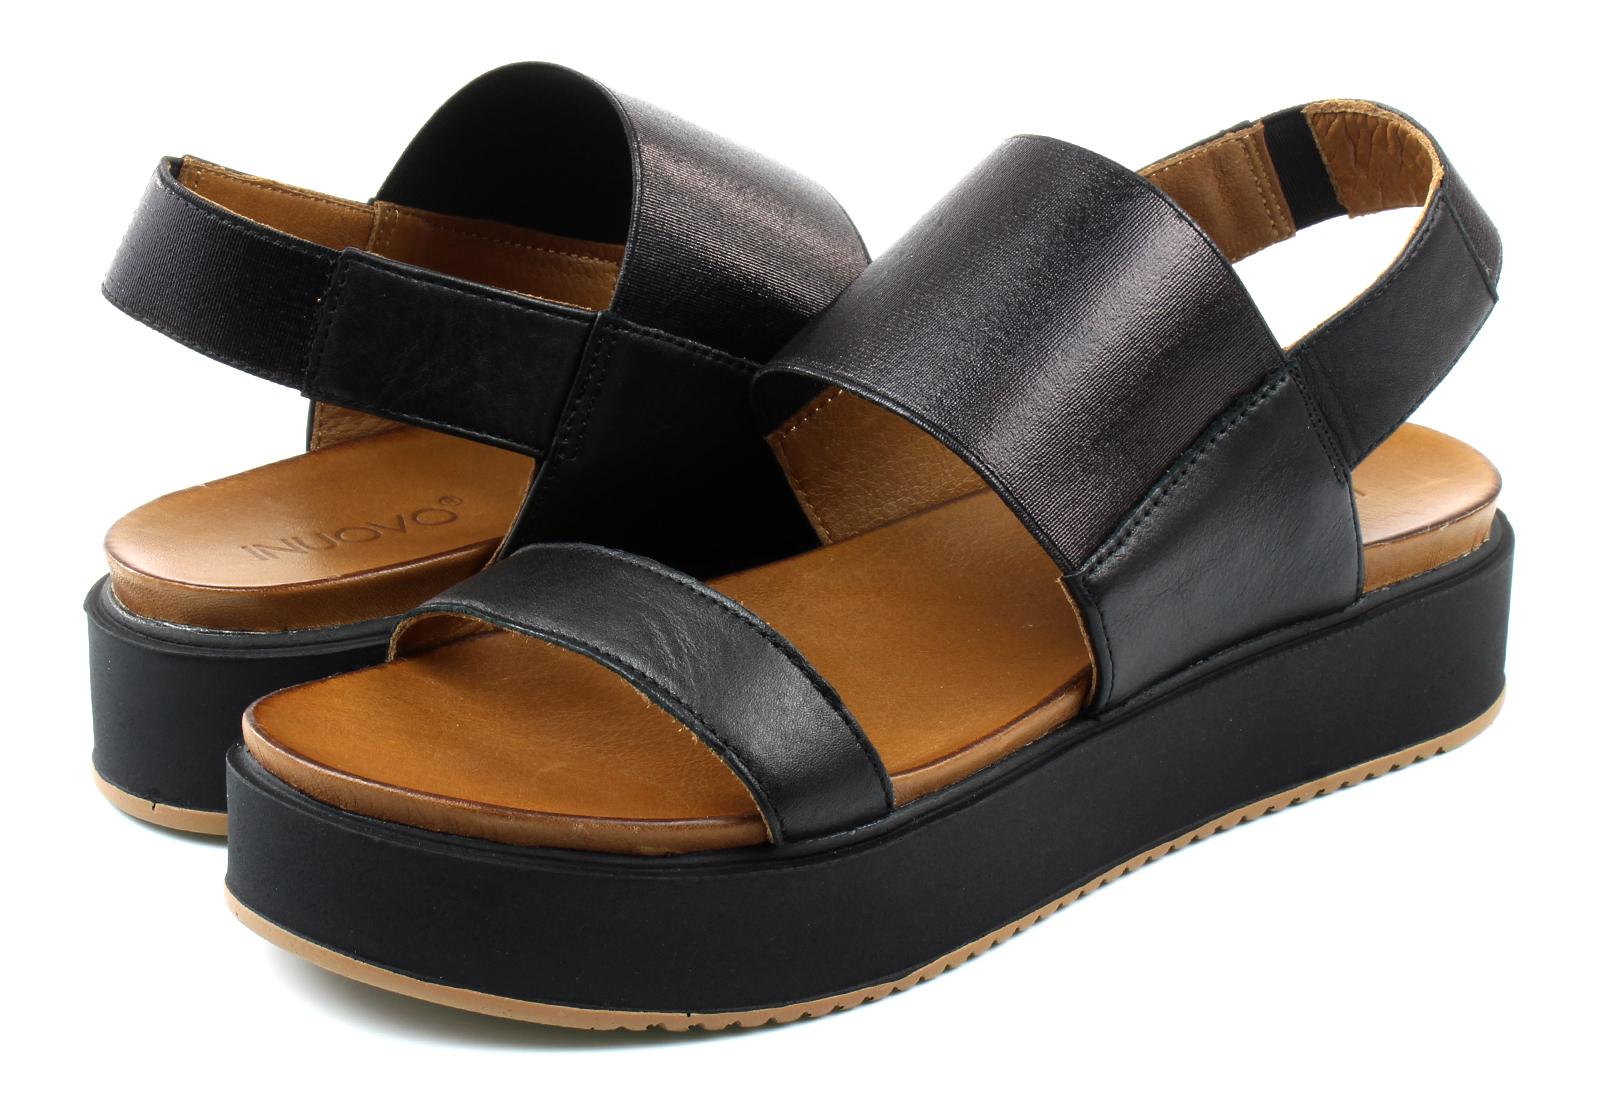 Inuovo Crne Online Sandale Shoes Trgovina Office Platforma 8717 Obuće 0Pk8OnwX